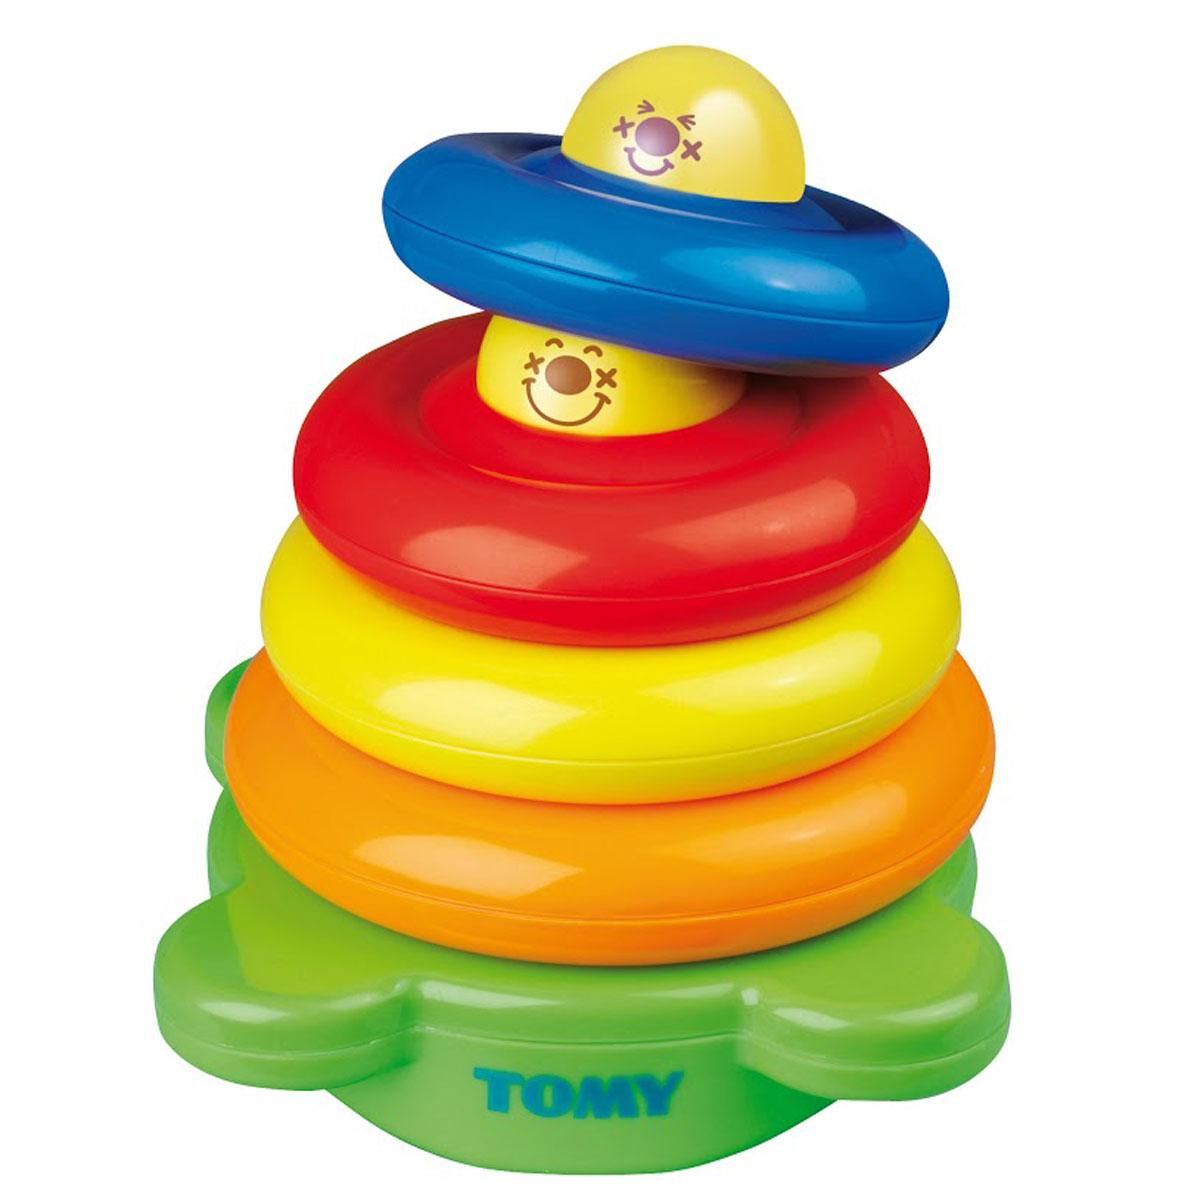 Tomy Развивающая игрушка-сортер Веселая Пирамидка